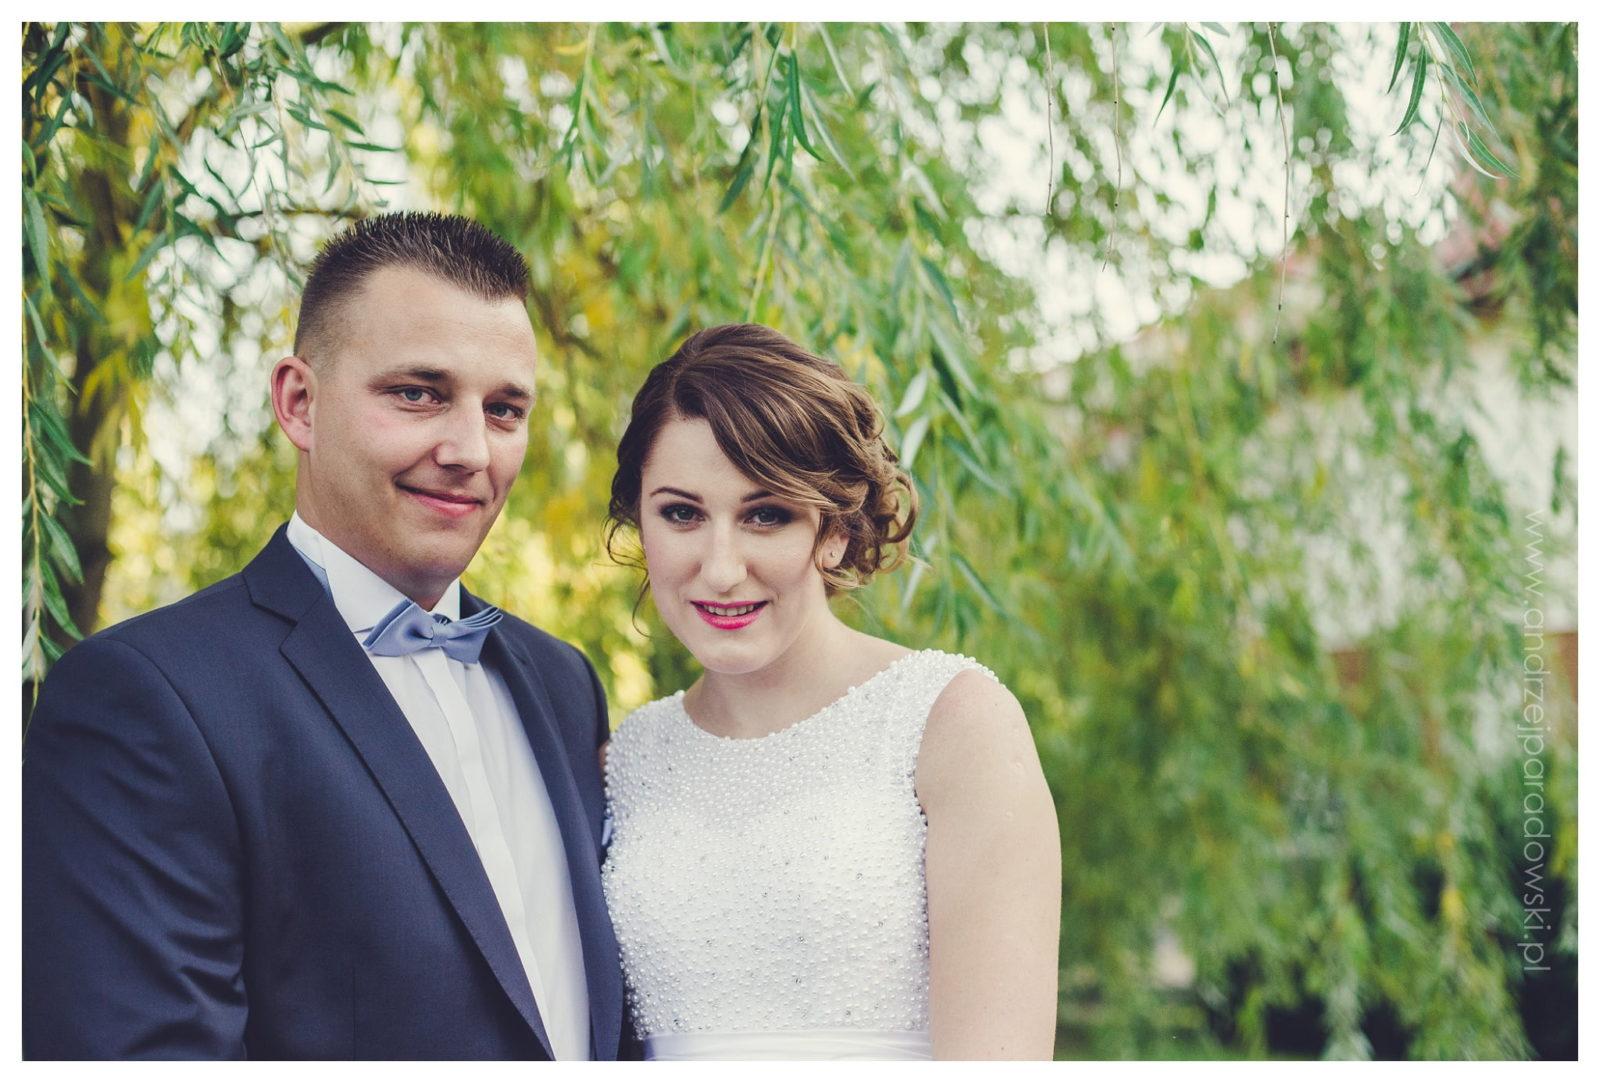 fotograf slubny wloclawek 23 - Ślub w Bobrownikach